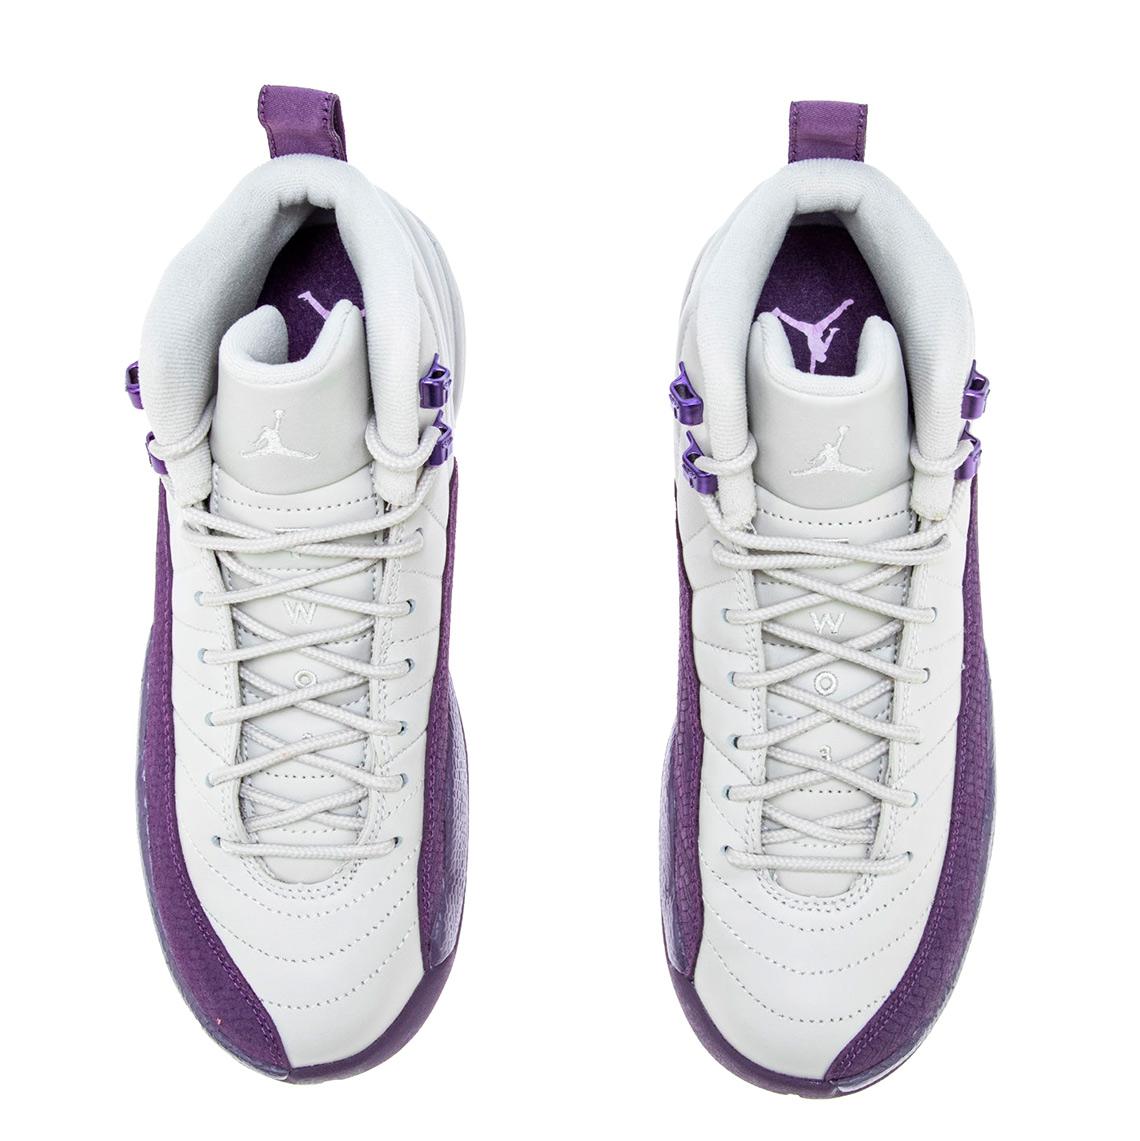 b891779ca17 Jordan 12 Purple 510815-001 Release Info